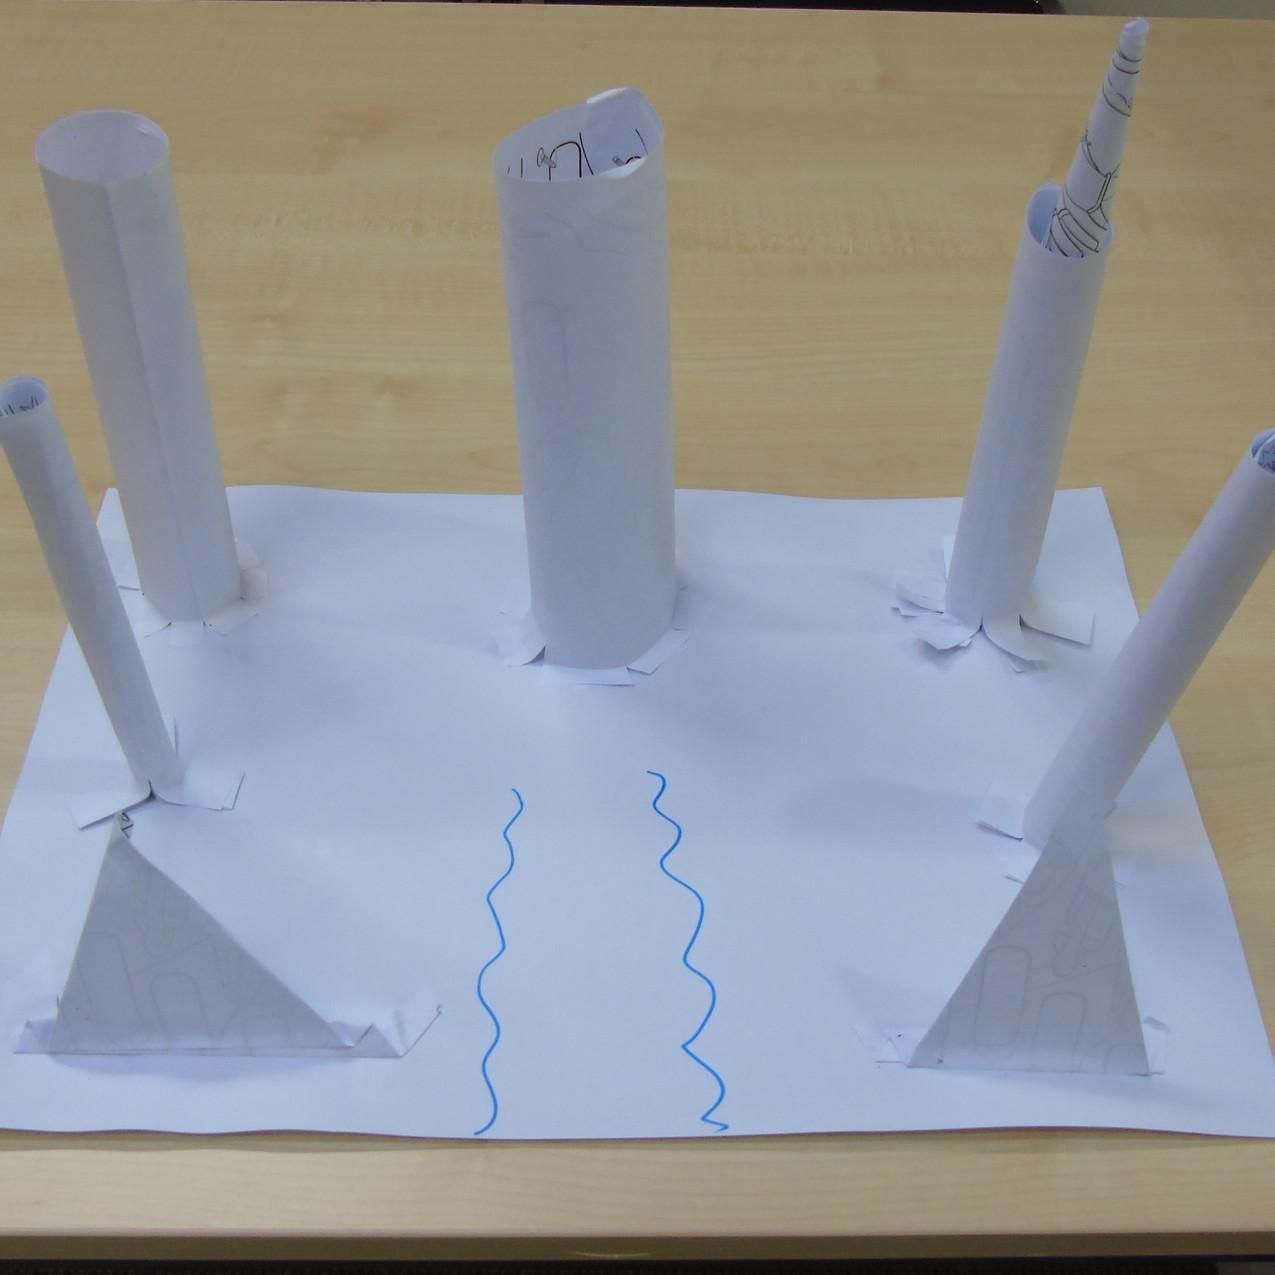 Taj Mahal inspired building design